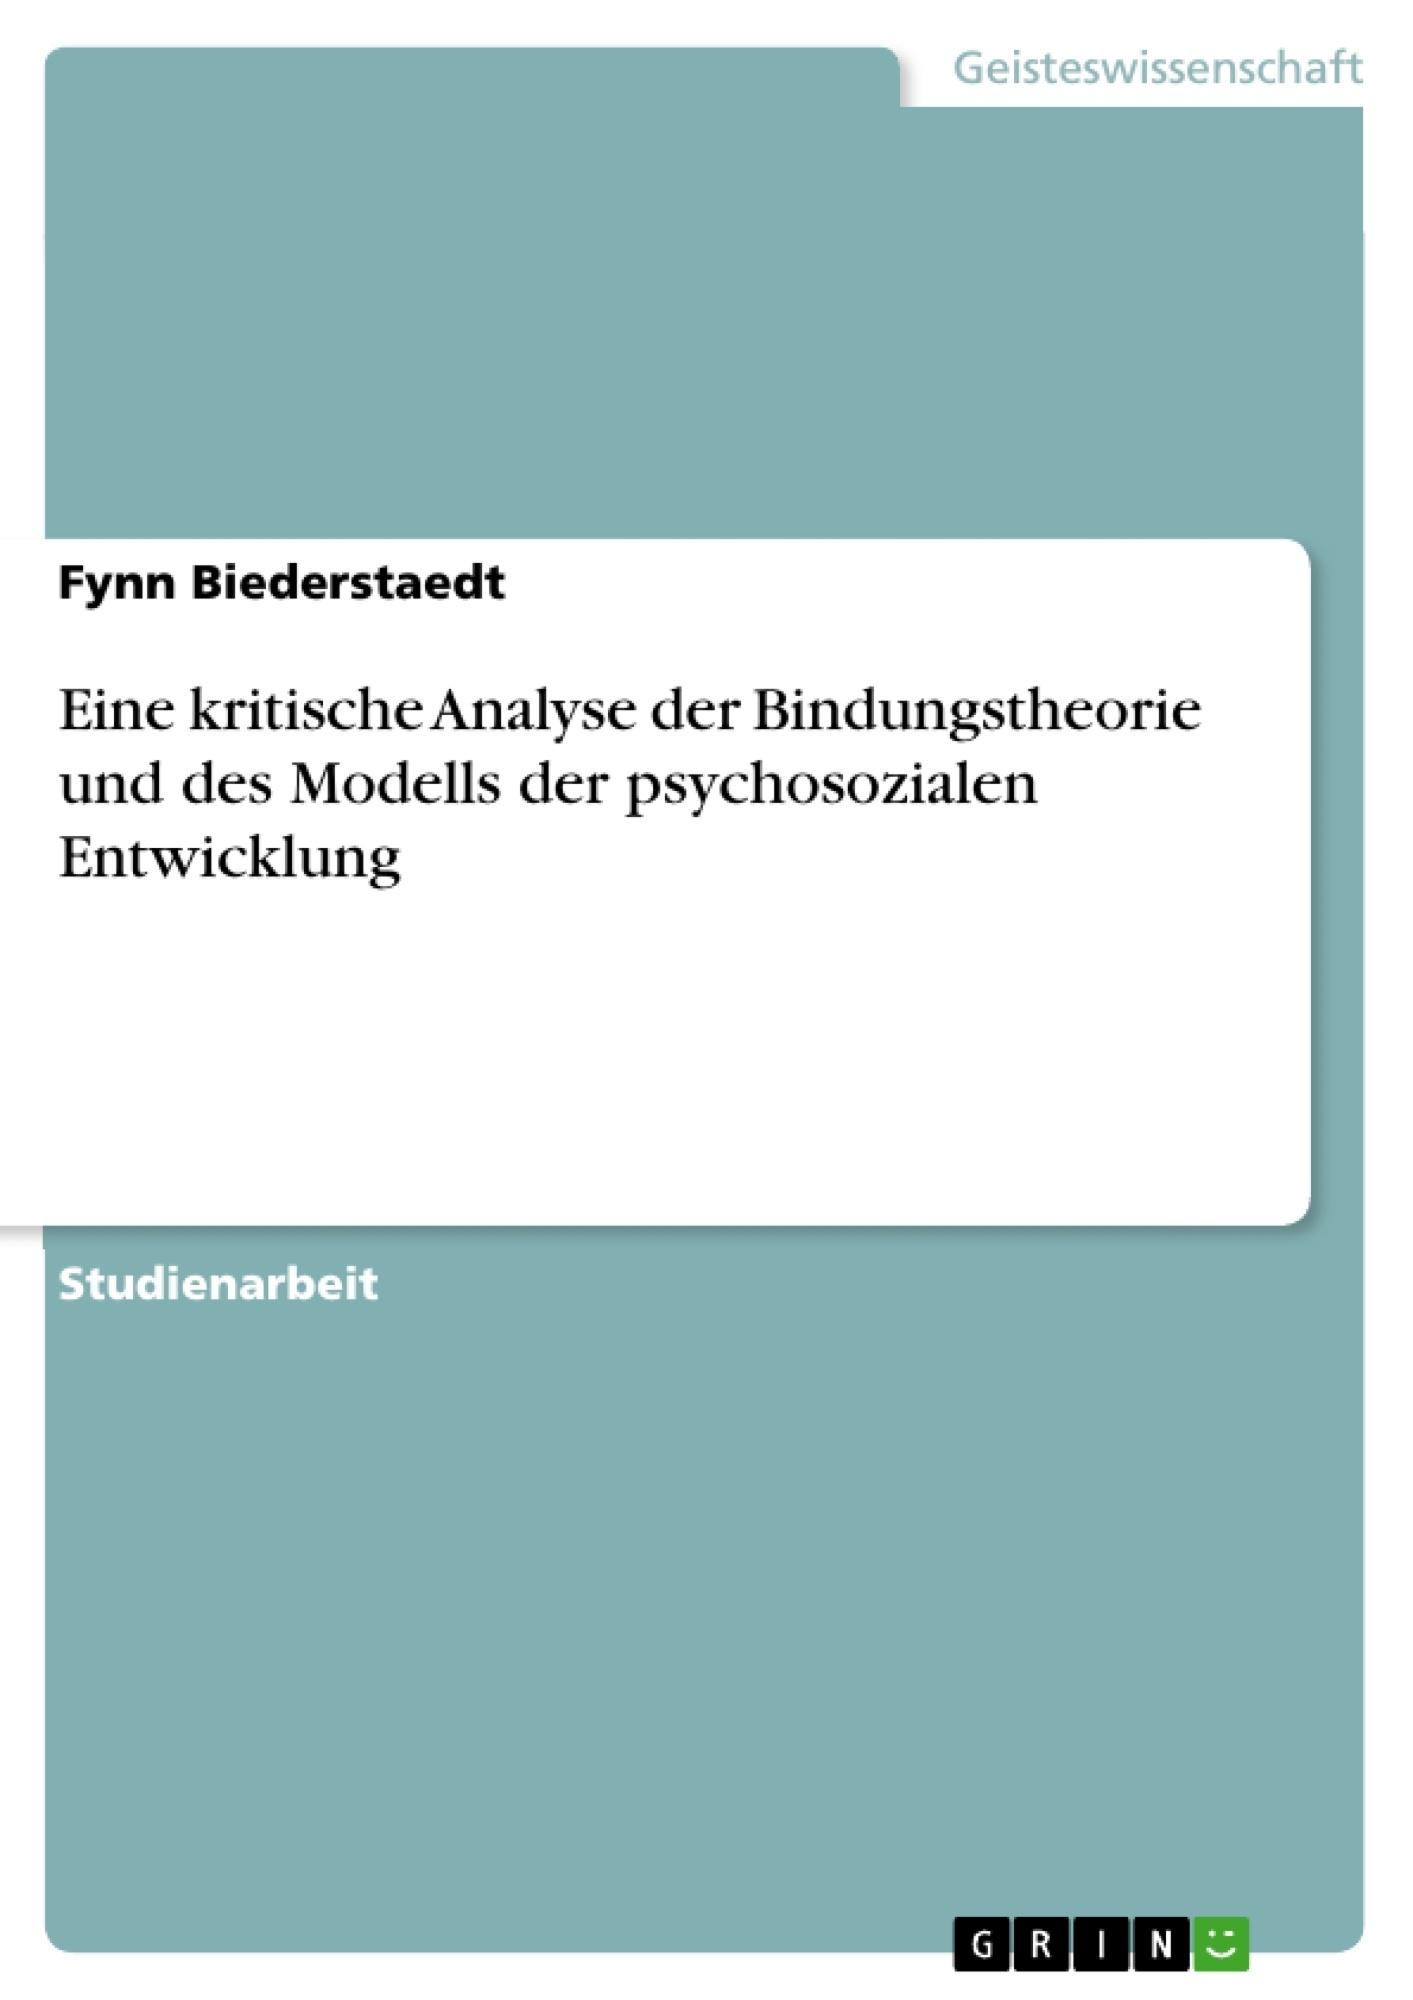 Titel: Eine kritische Analyse der Bindungstheorie und des Modells der psychosozialen Entwicklung